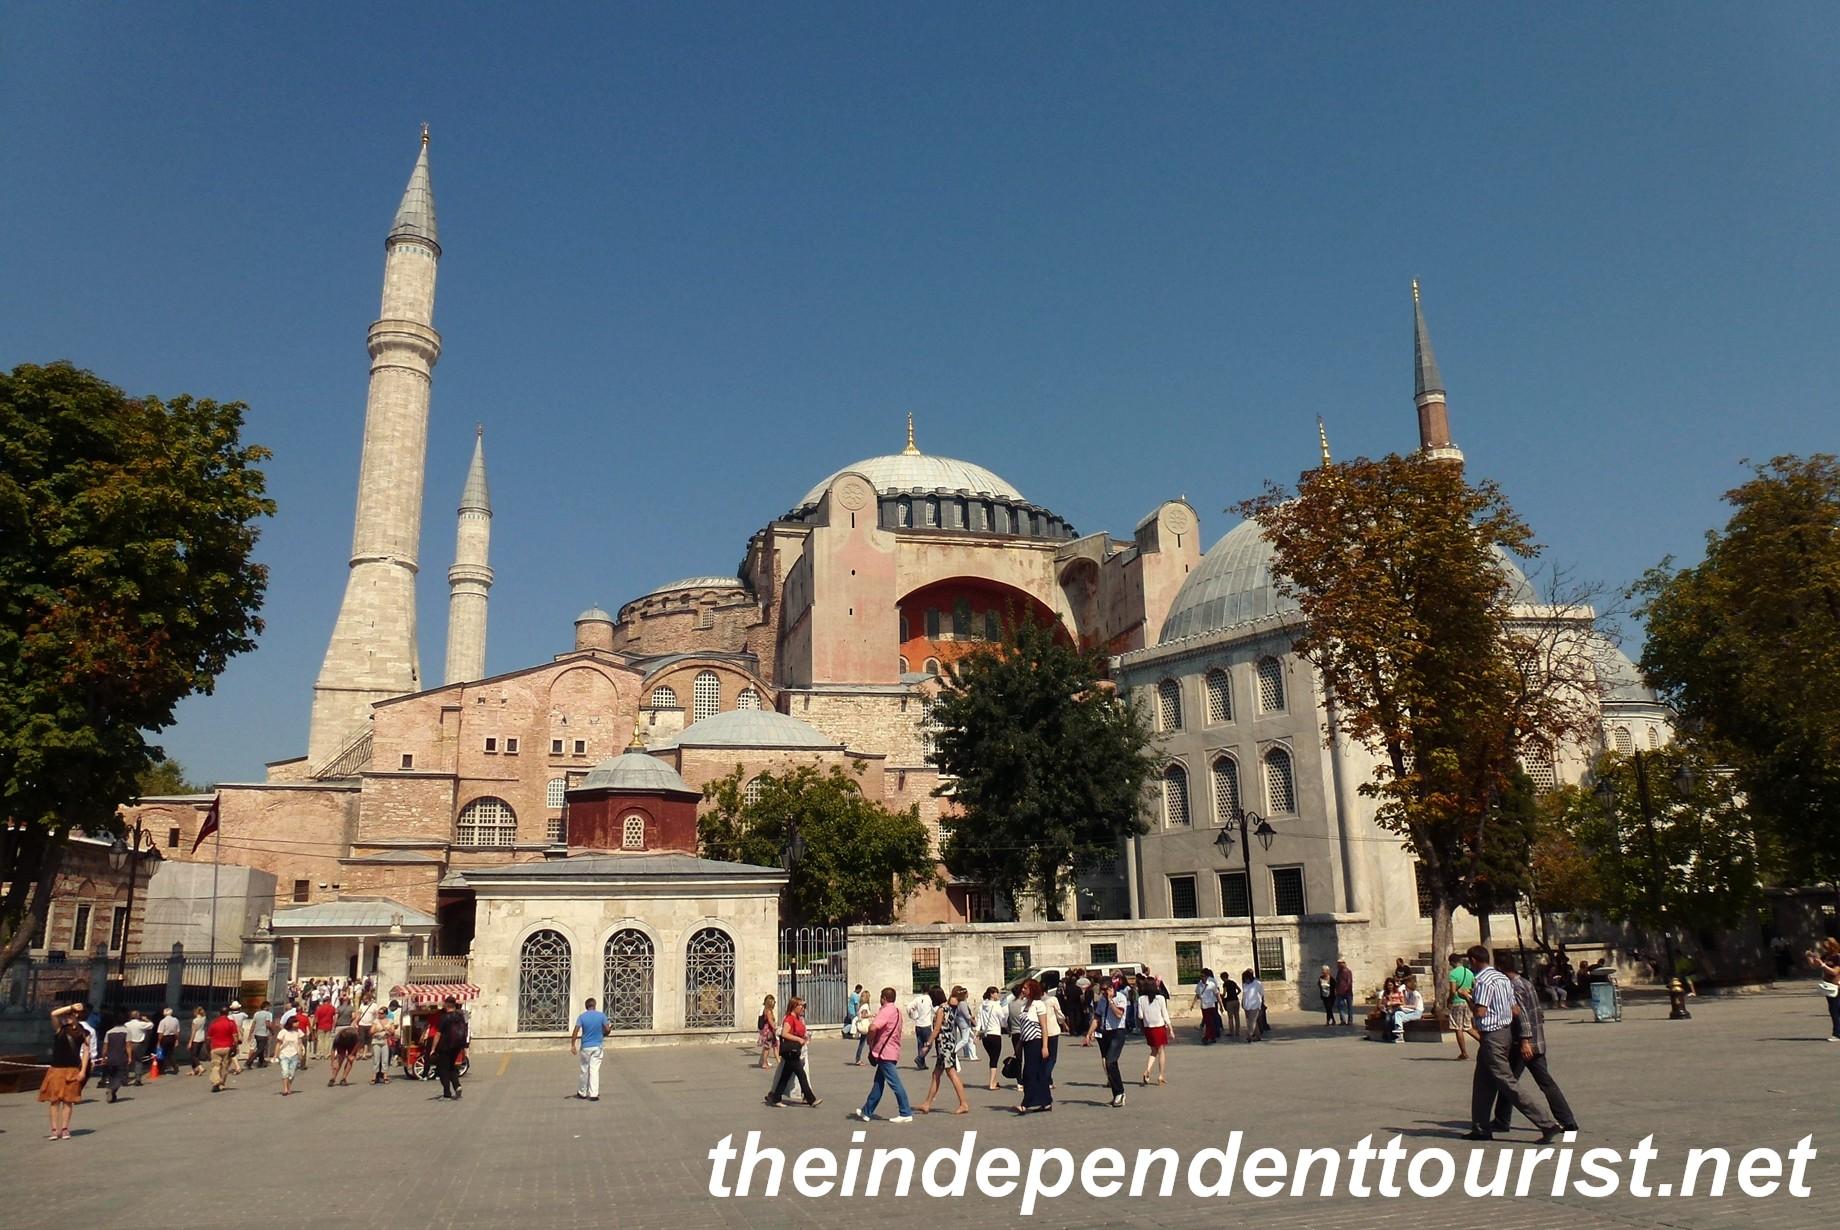 Hagia Sophia | The Independent Tourist